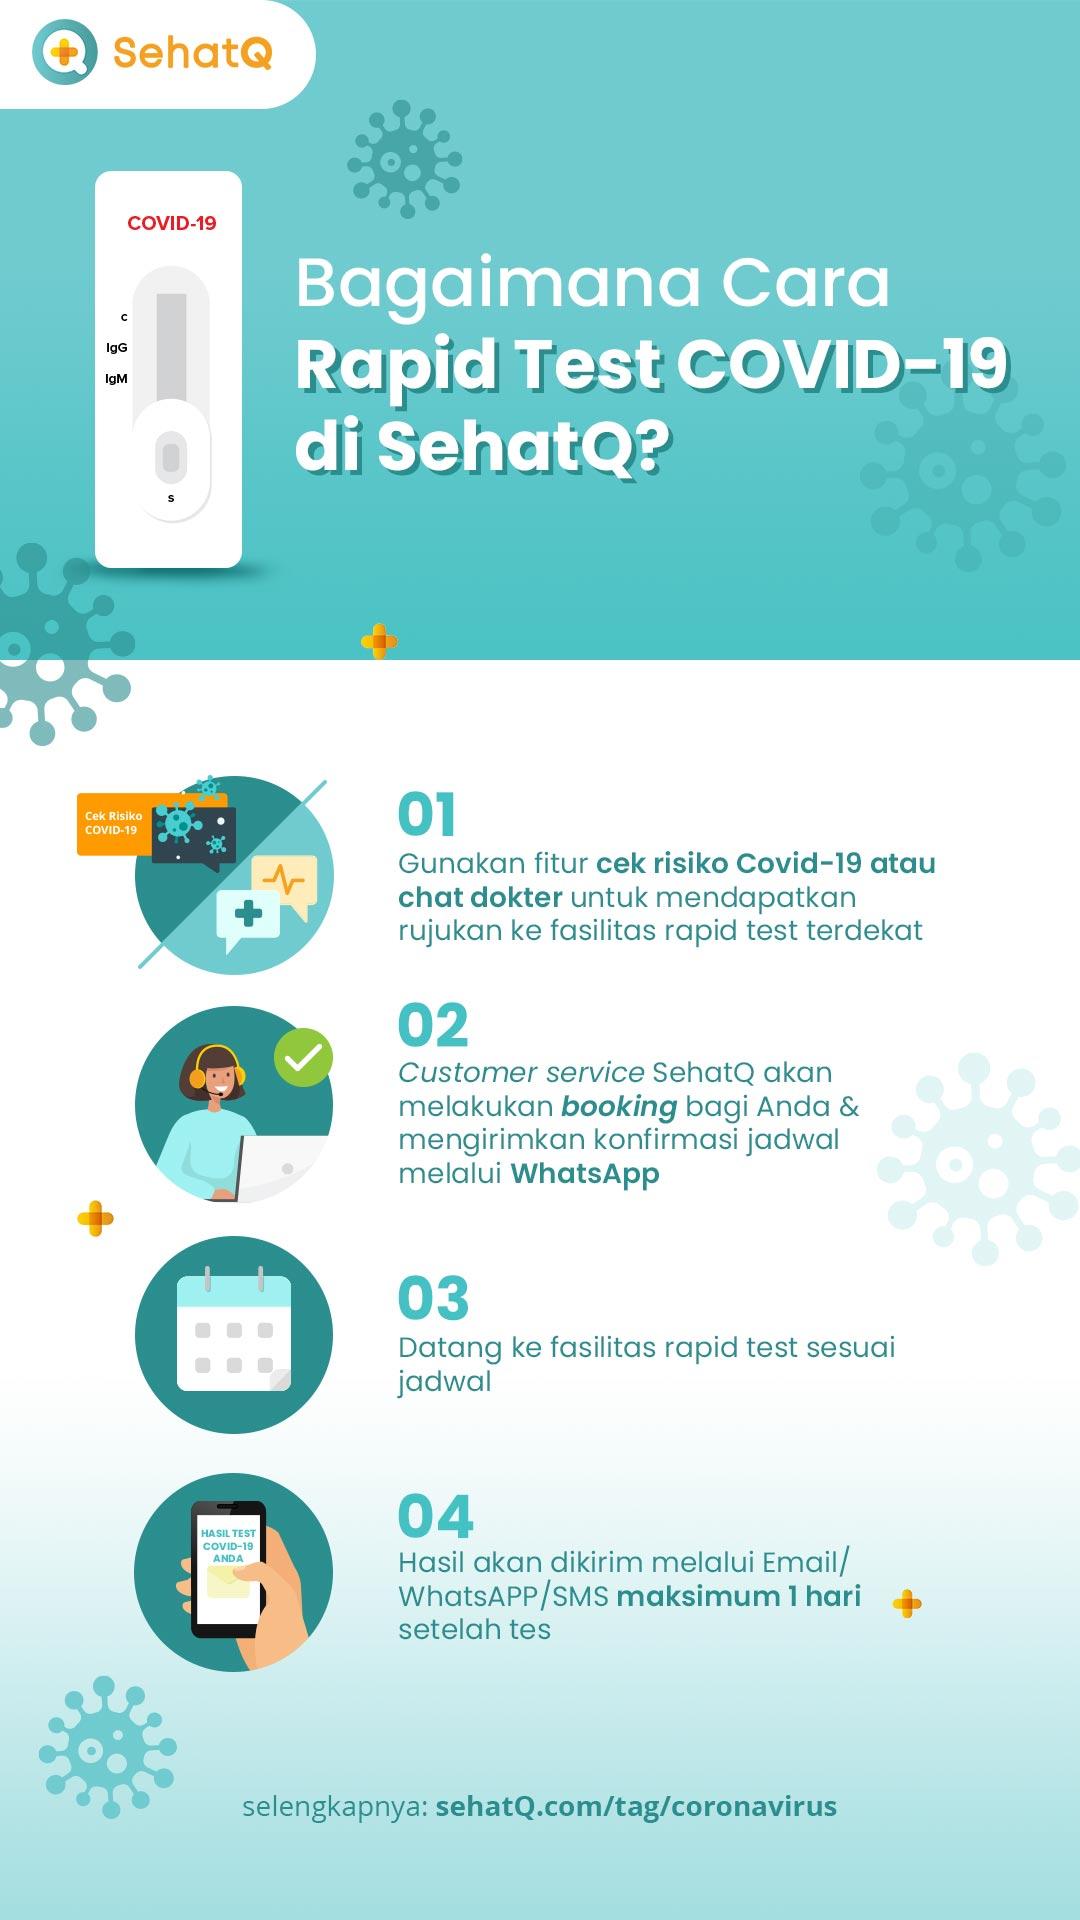 cara rapid test gratis di SehatQ